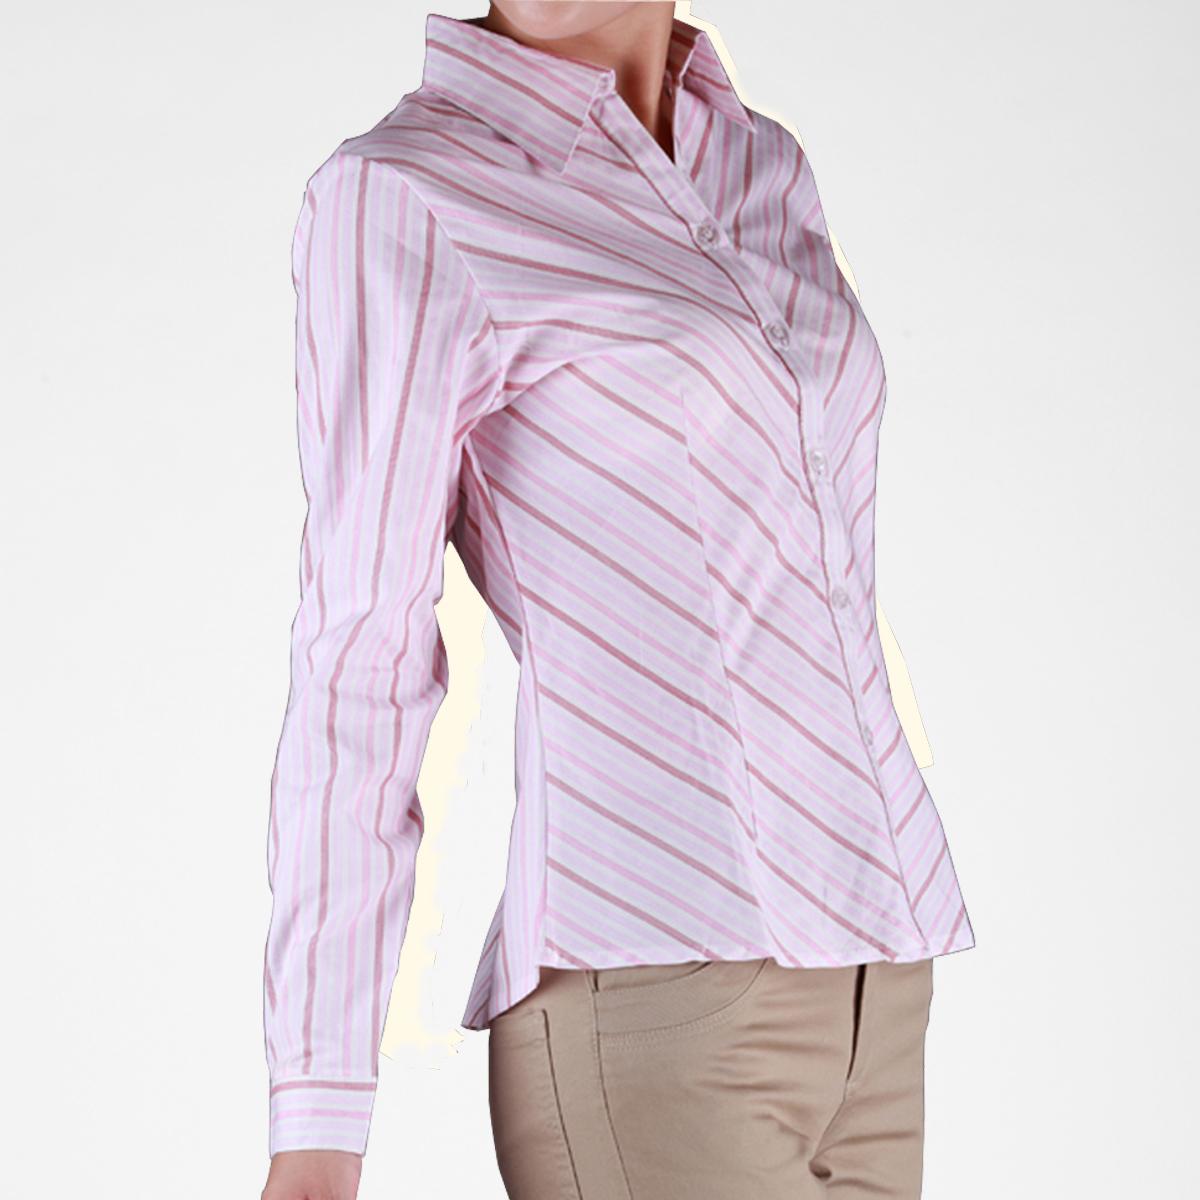 женская рубашка Other 0800/8 C0800-8 OL Casual Длинный рукав В полоску